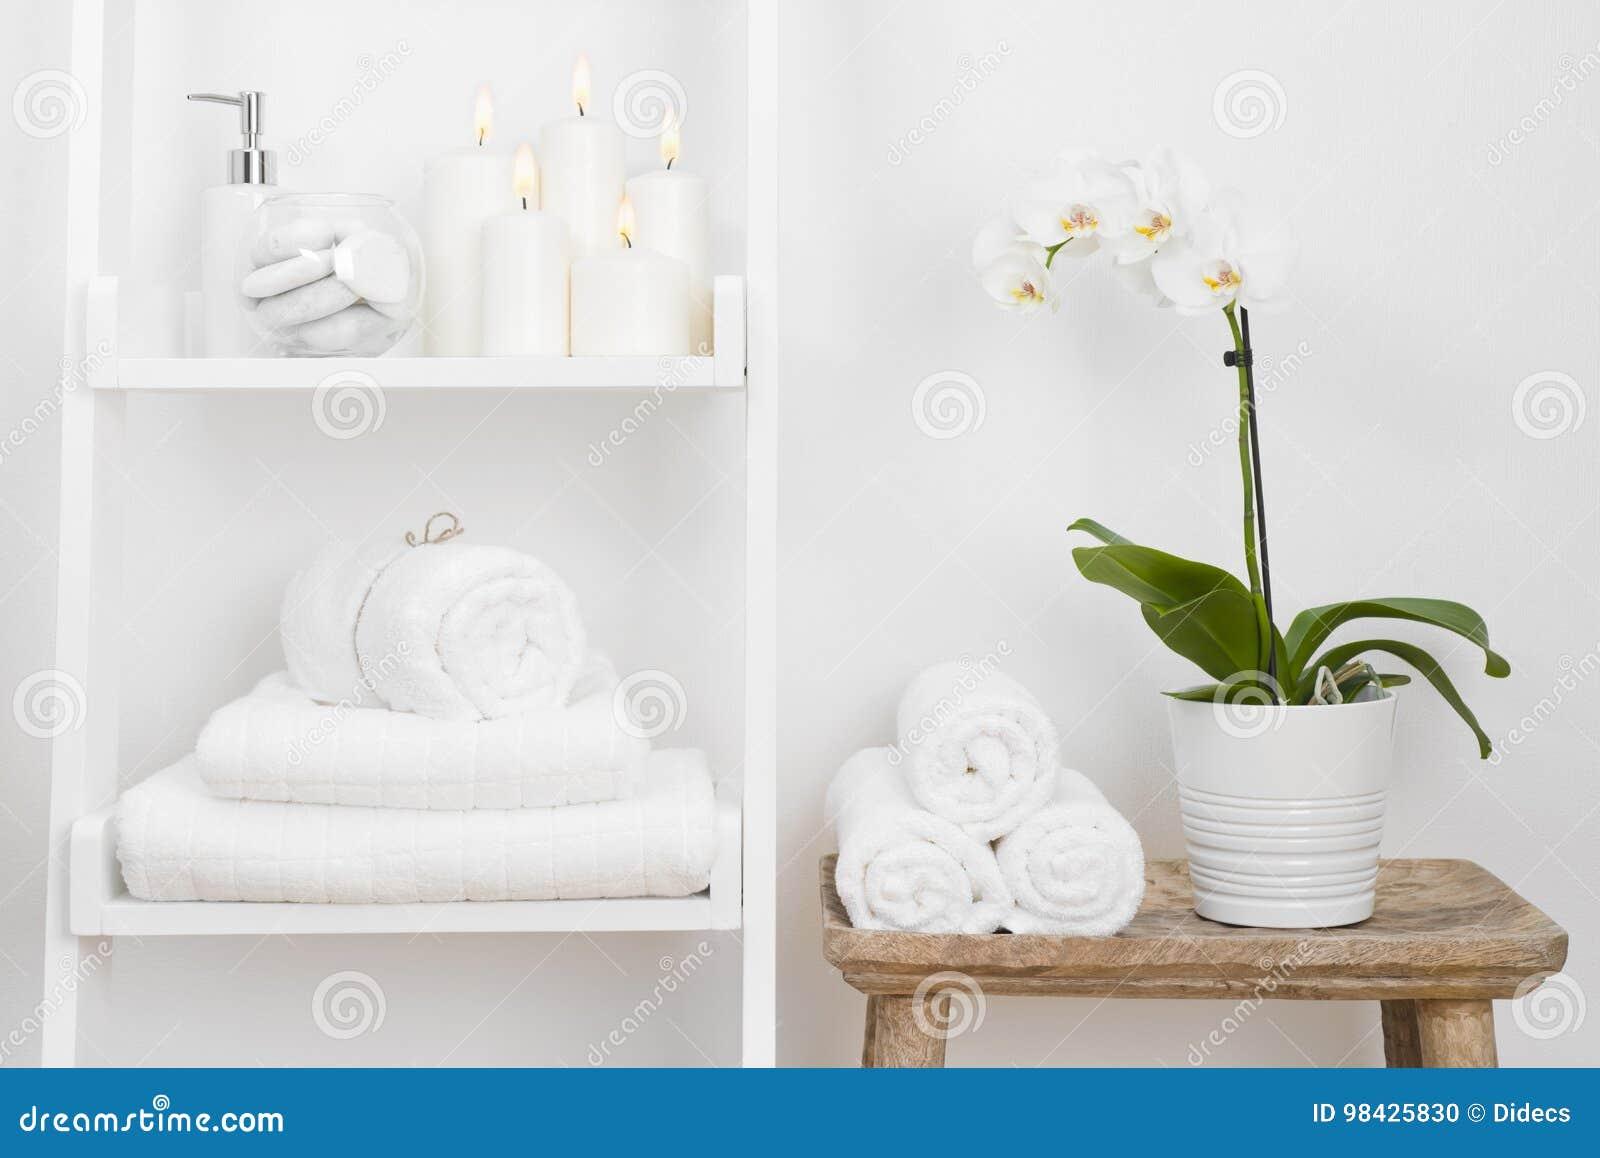 Meuble Salle De Bain Acheter ~  tag re avec les serviettes propres bougies pot de fleurs sur la